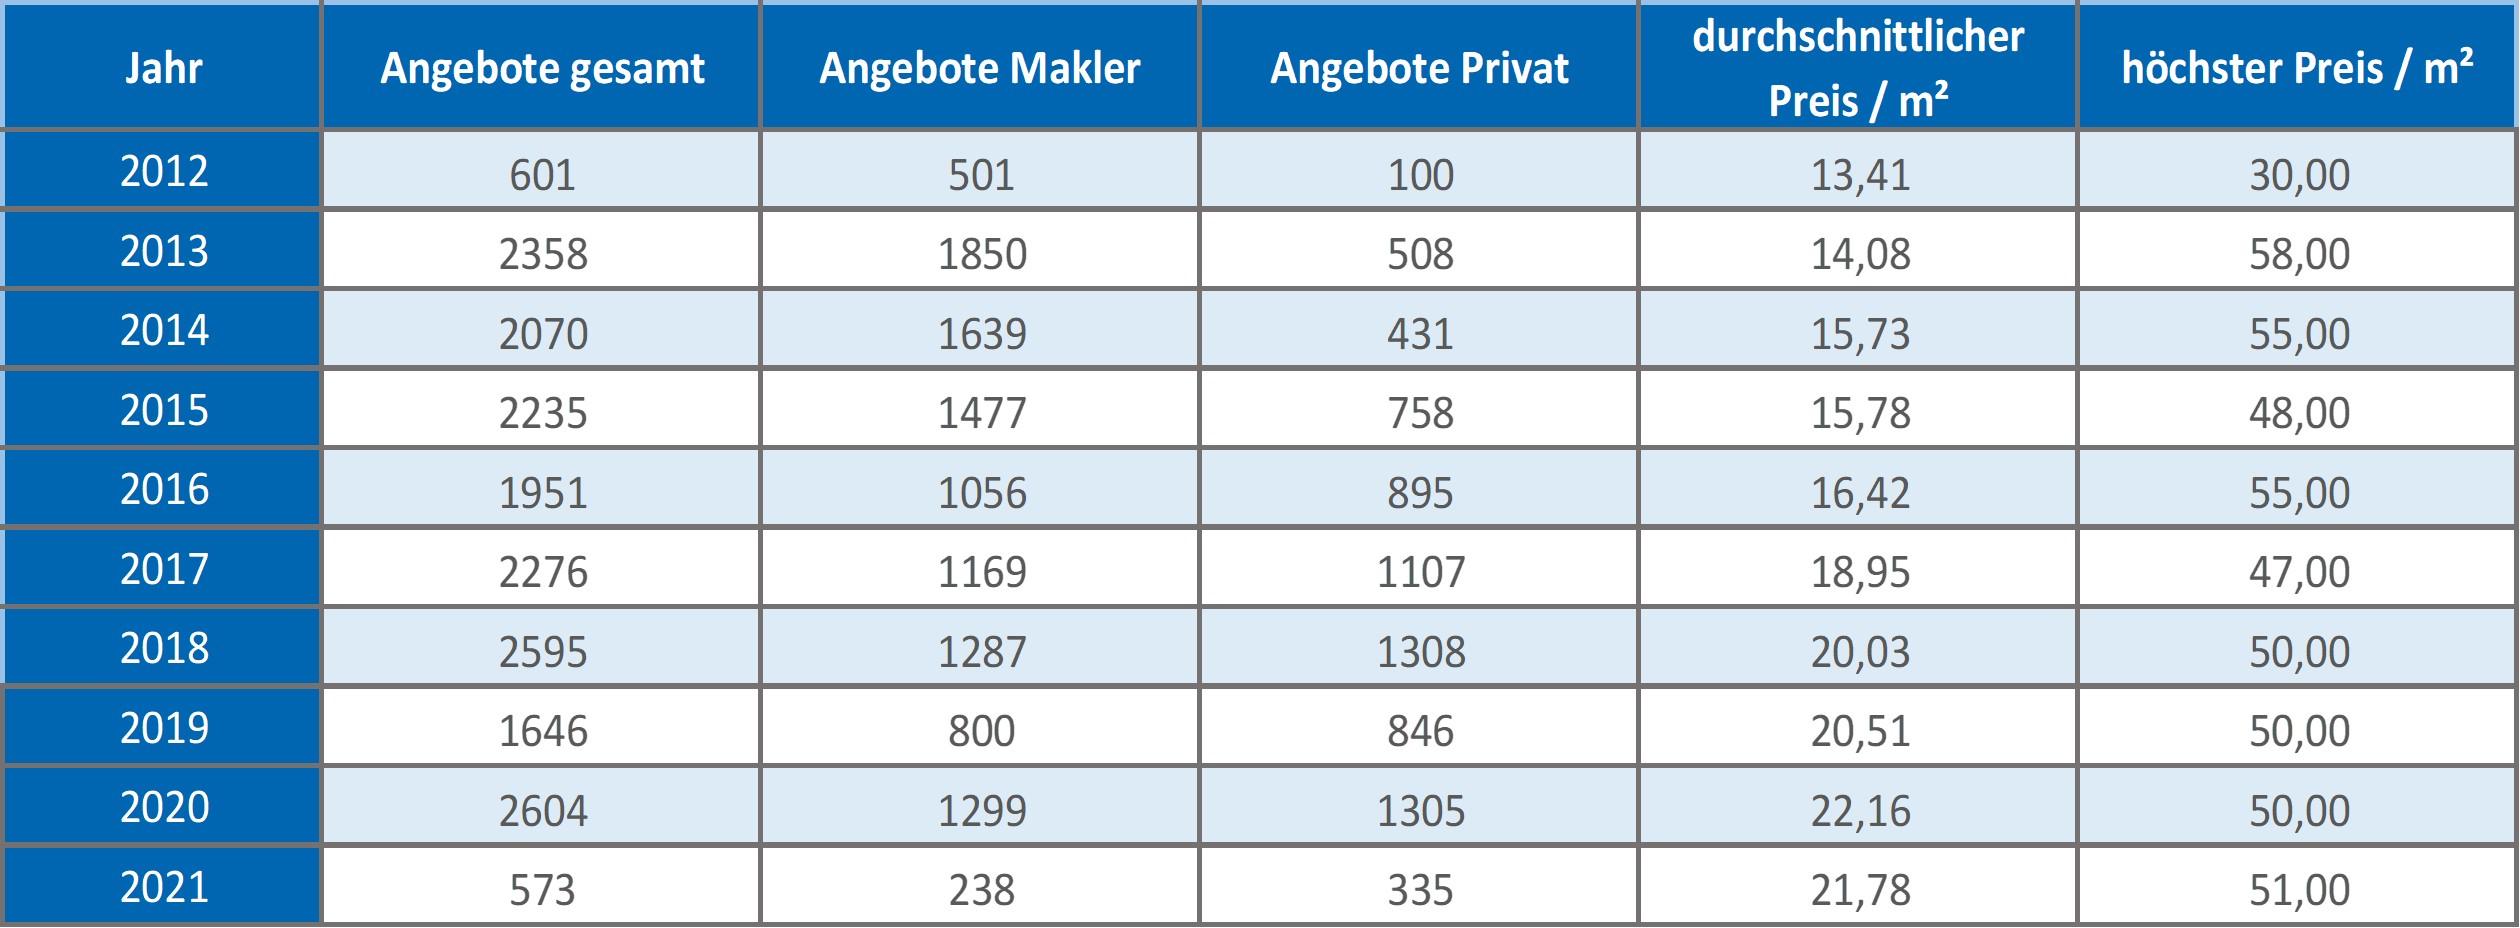 München - Bogenhausen Wohnung mieten vermieten Preis Bewertung Makler 2019 2020 2021 www.happy-immo.de